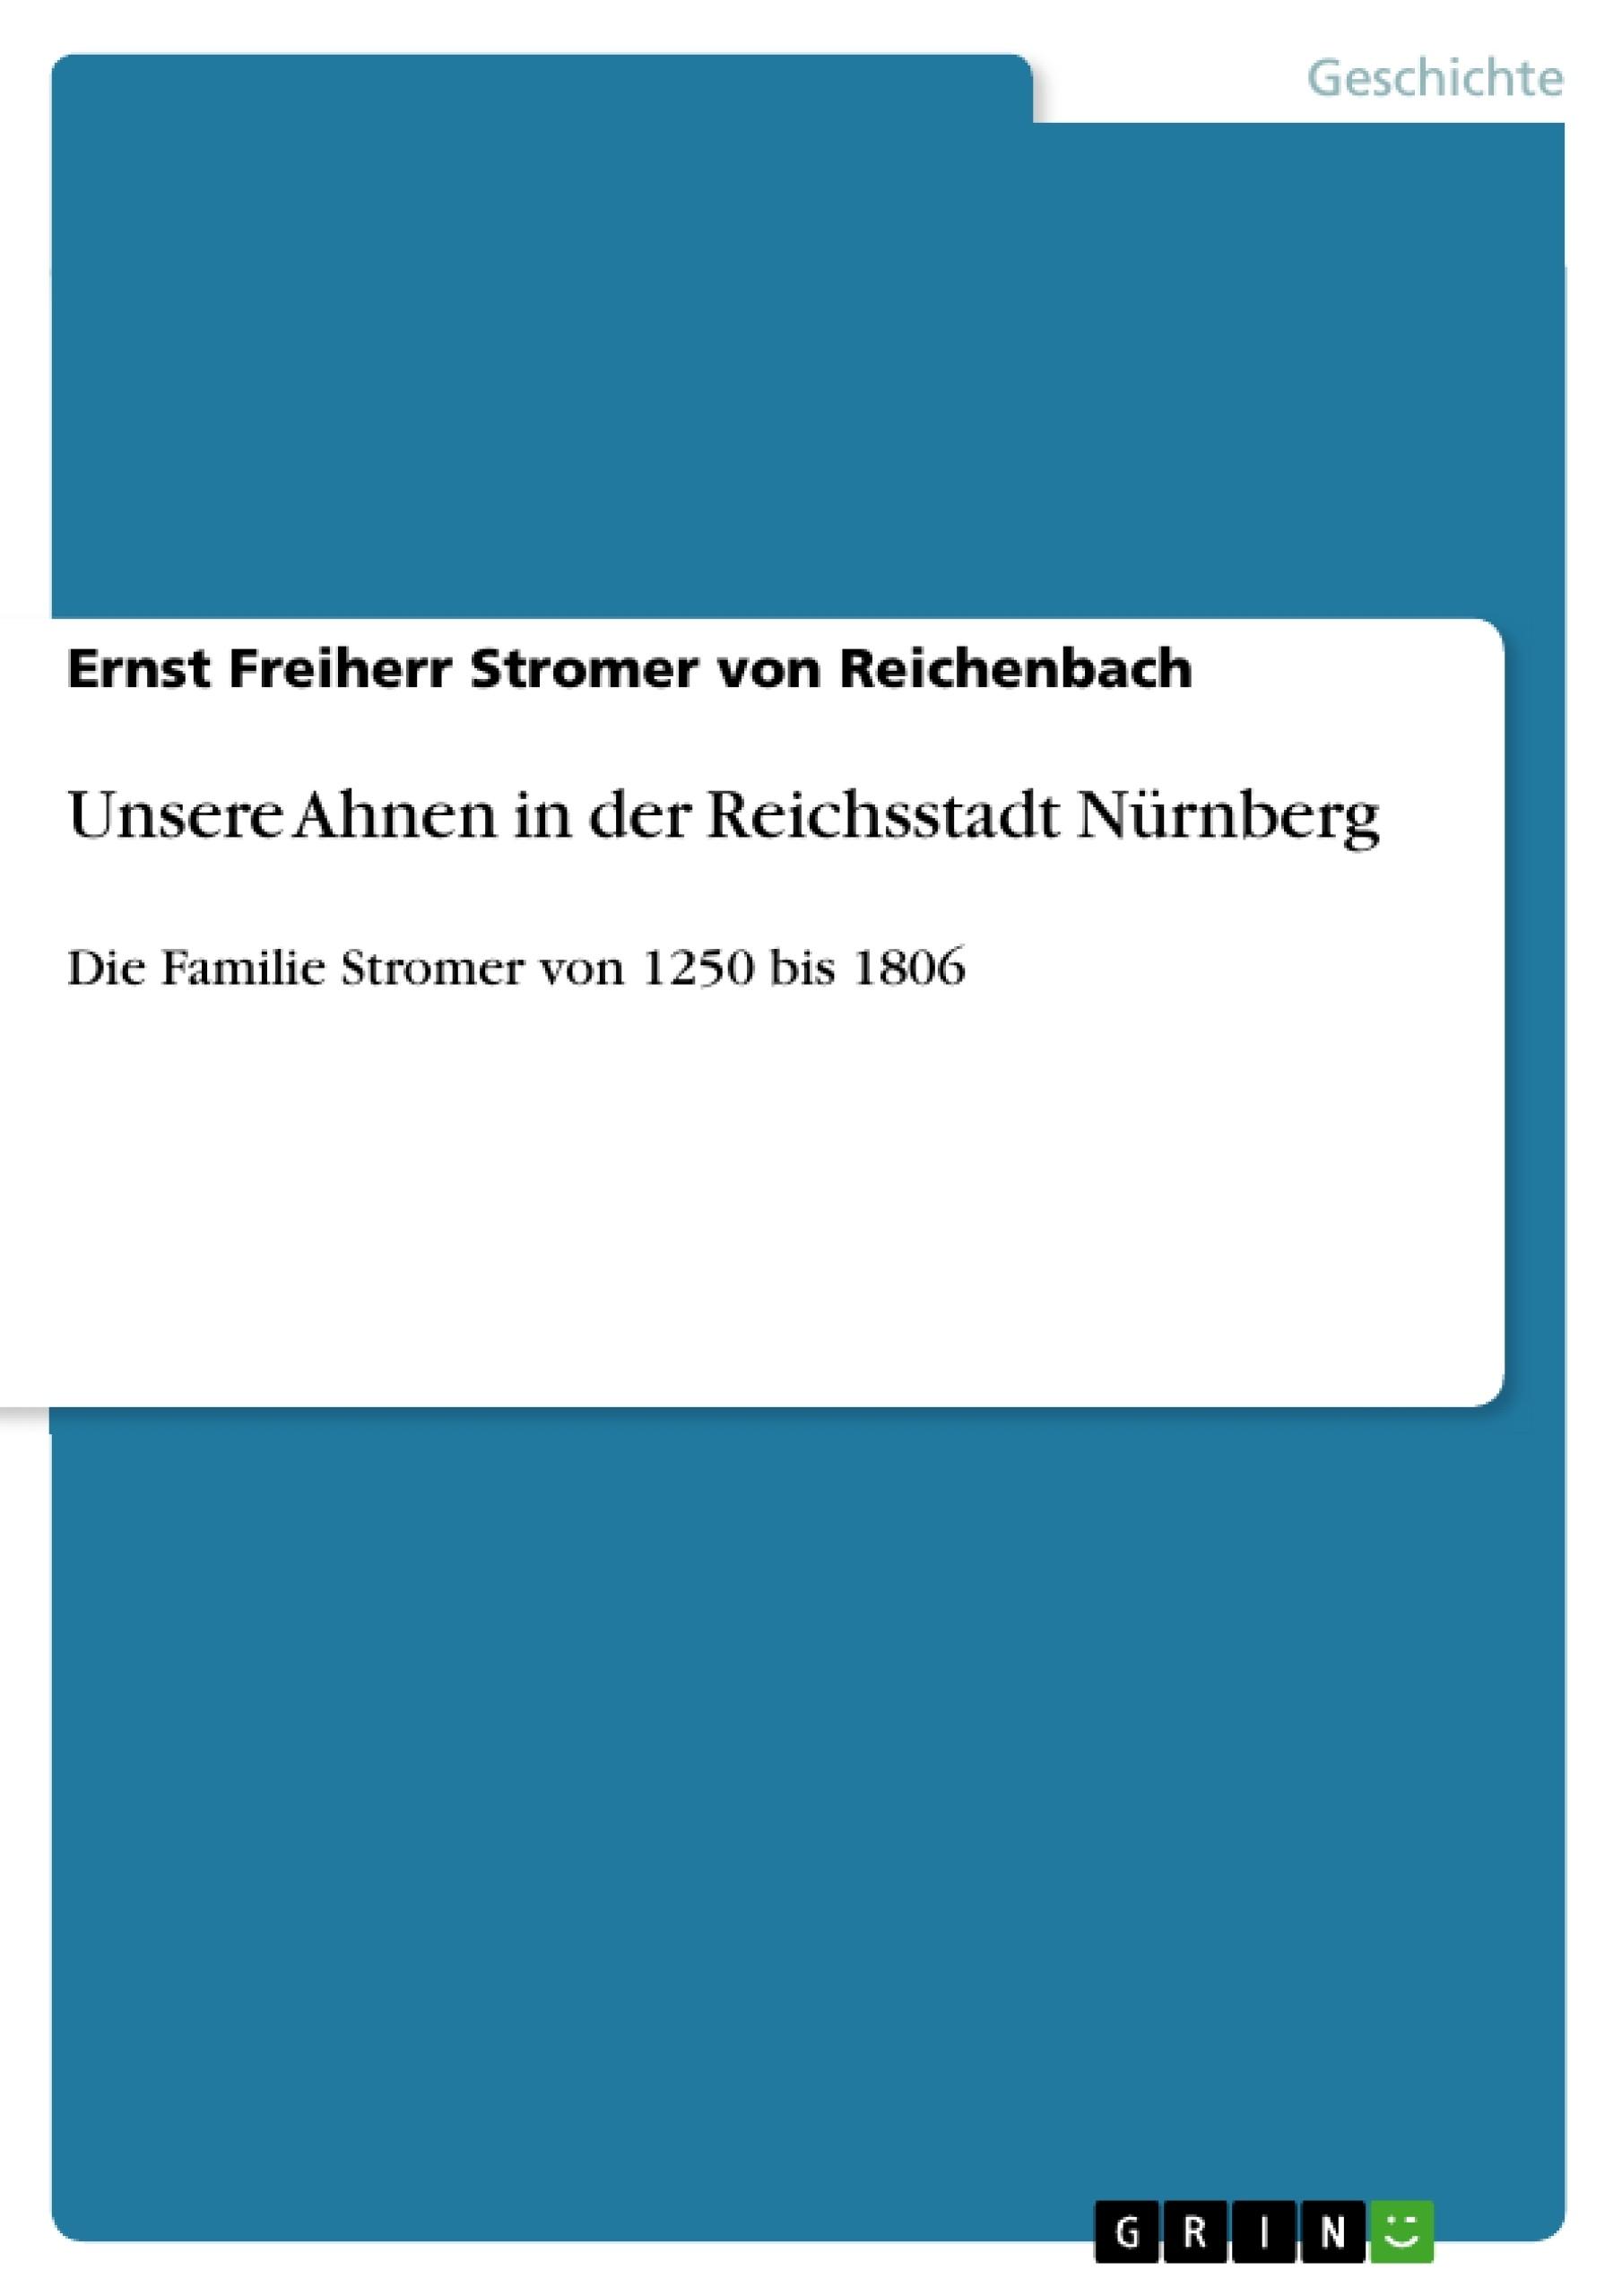 Titel: Unsere Ahnen in der Reichsstadt Nürnberg